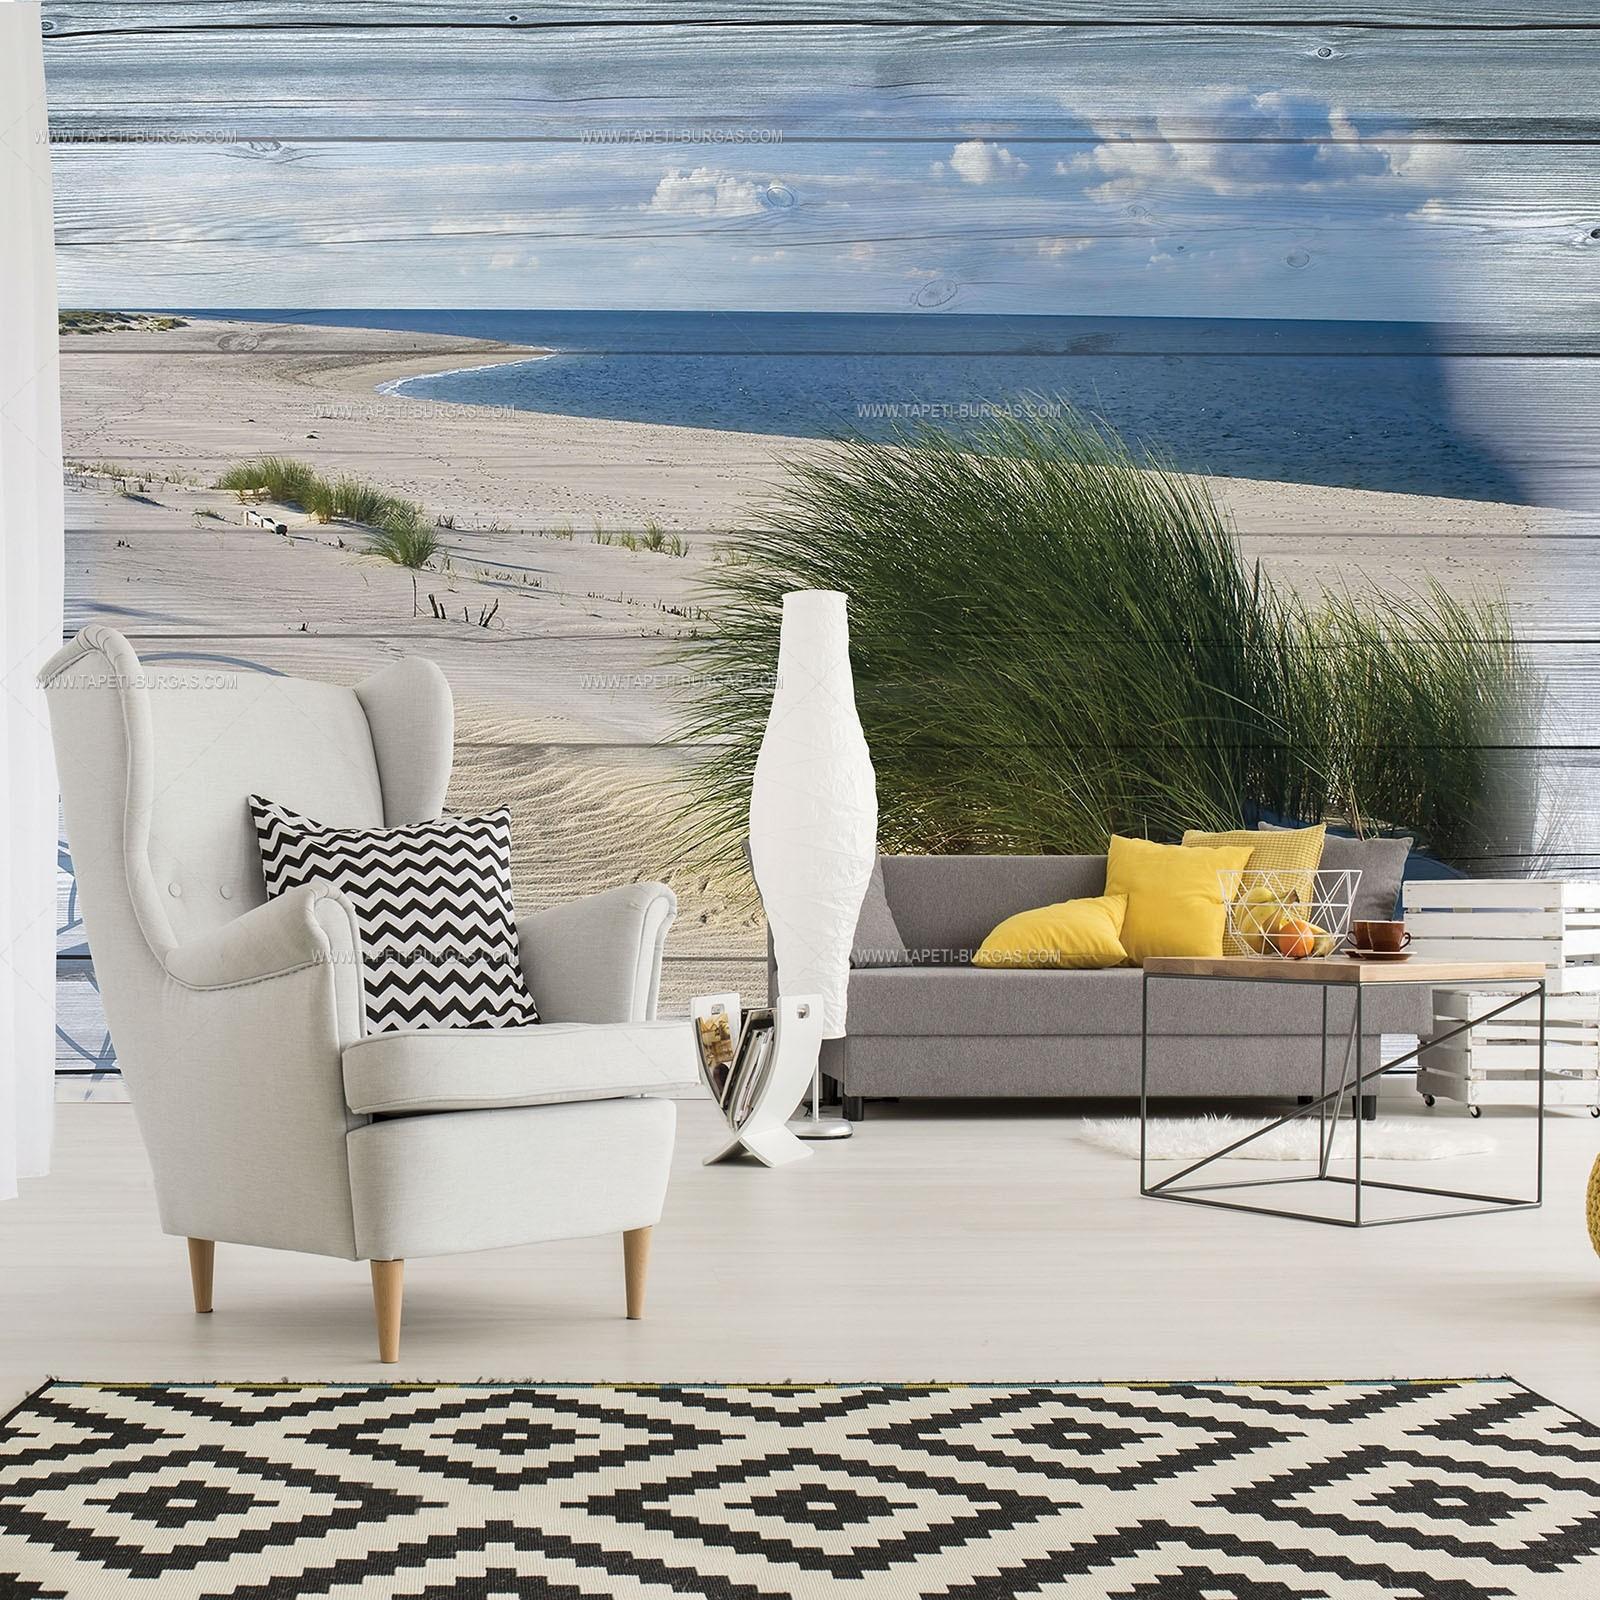 Фототапет Морски пейзаж -колаж върху дъски